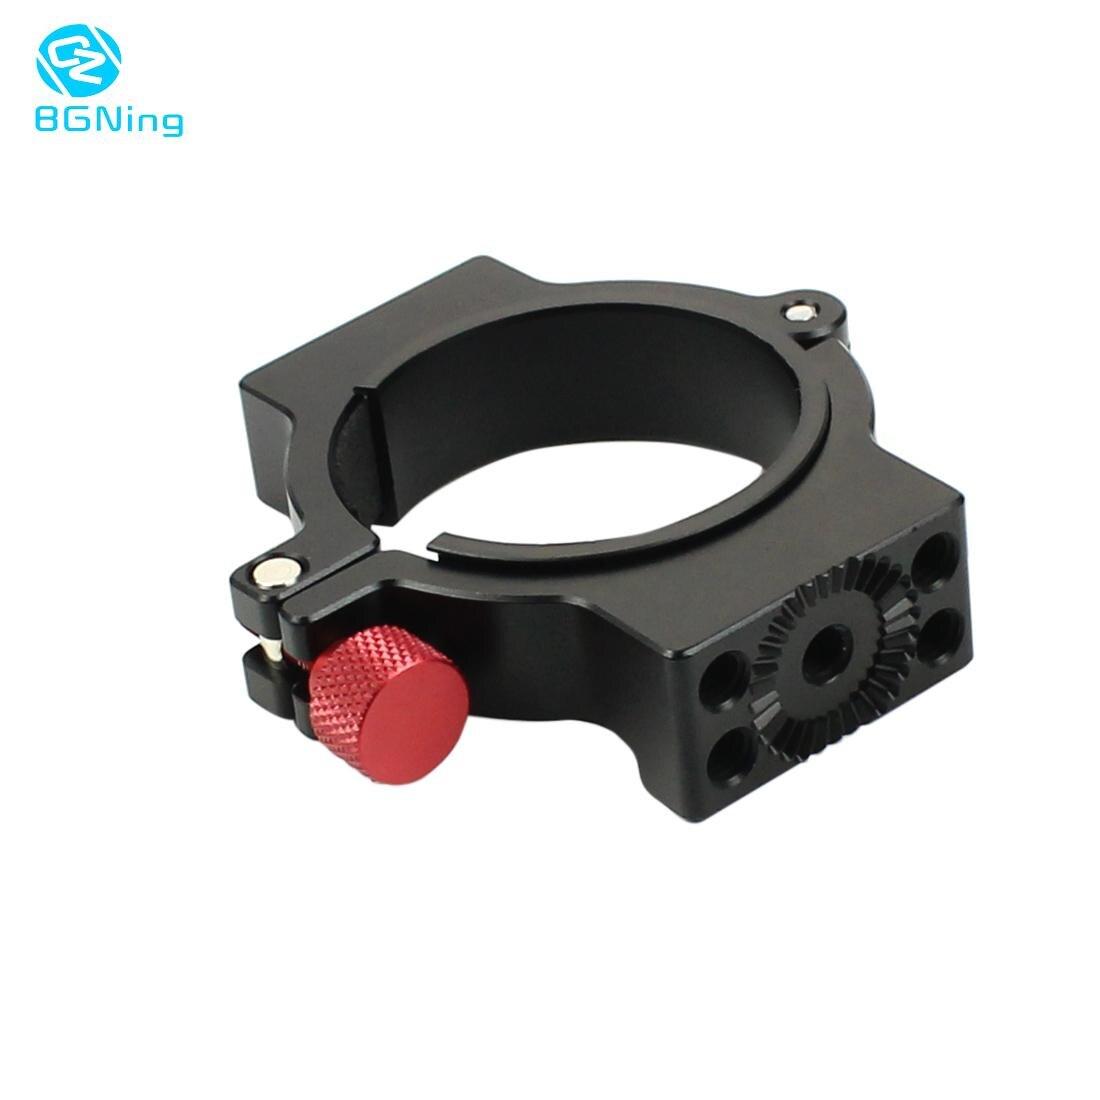 Bgning 1/4 parafuso anel de expansão extensão microfone led vídeo luz montagem clipe adaptador para zhiyun guindaste 2 cardan estabilizador